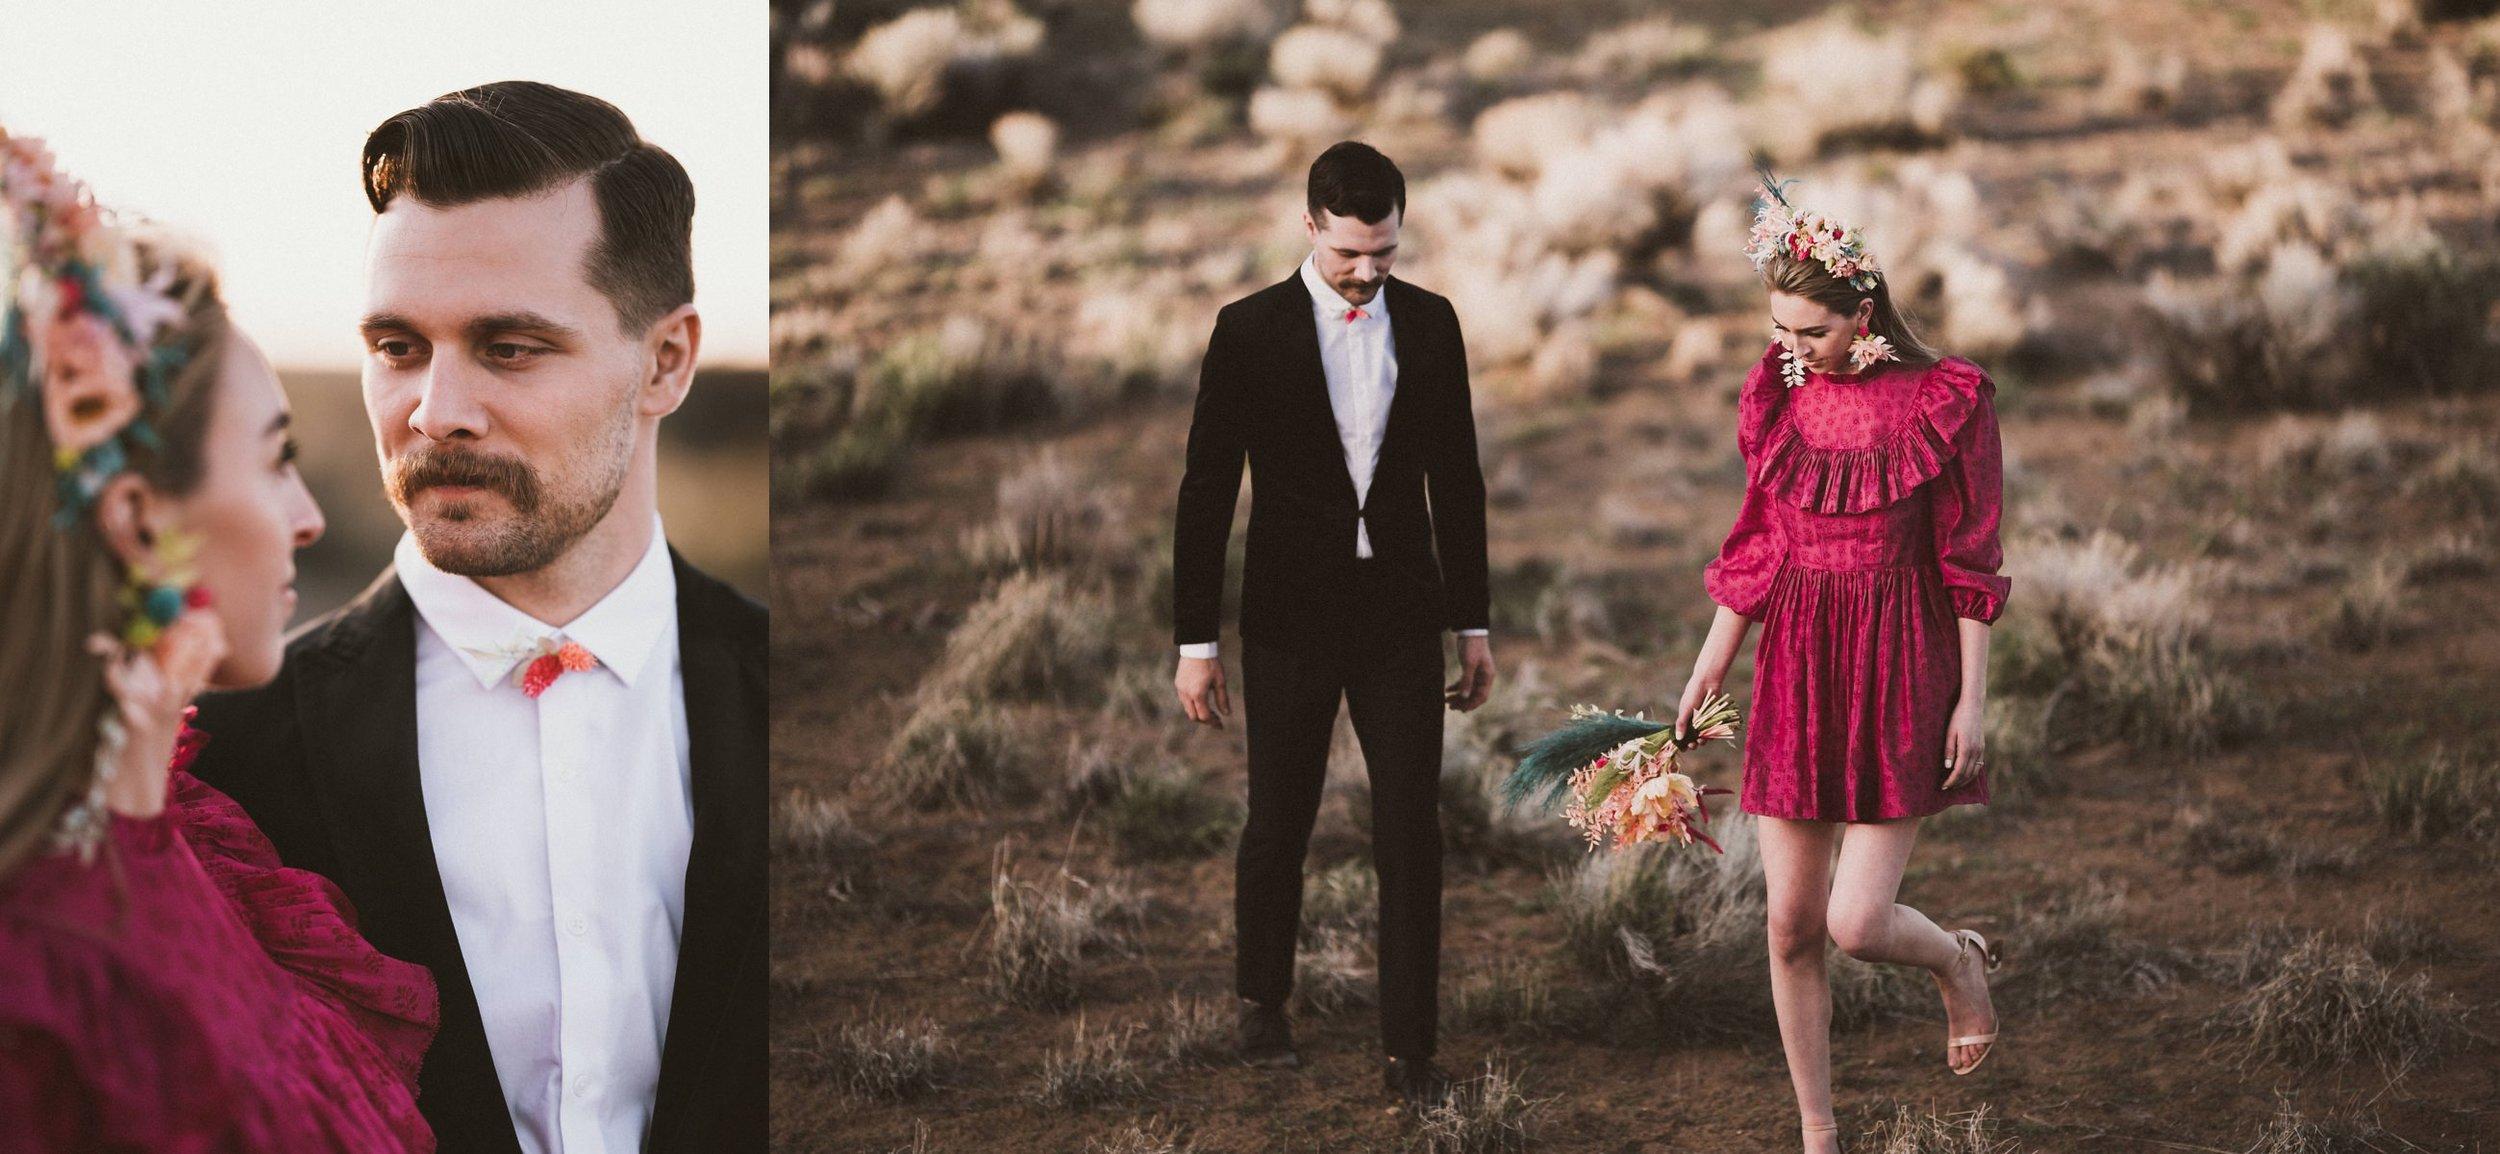 TONY-GAMBINO-PHOTOGRAPHY-BEND-OREGON-WEDDING-SHOOT_1489.jpg